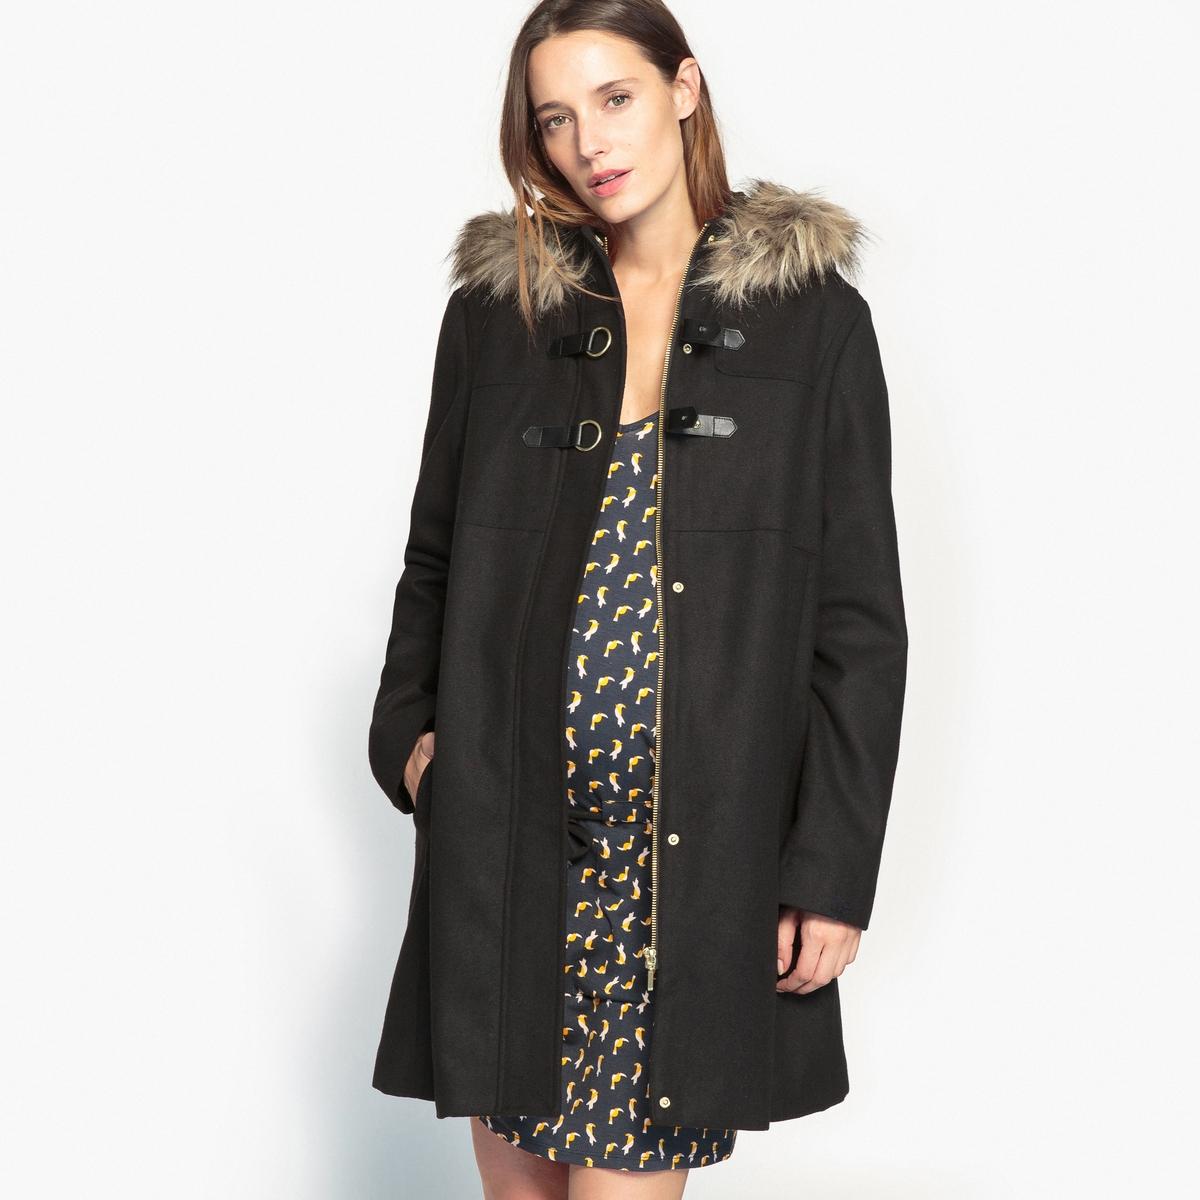 Пальто для периода беременностиОписание:Вам будет тепло в ожидании малыша в этом пальто в стиле дафлкот . Симпатичная объемная форма и капюшон с искусственным мехом .Детали •  Длина : средняя •  Капюшон •  Застежка на молнию •  С капюшономСостав и уход •  2% вискозы, 13% шерсти, 5% акрила, 2% полиамида • Не стирать •  Деликатная чистка/без отбеливателей •  Не использовать барабанную сушку   •  Низкая температура глажкиМодель адаптирована для периода беременности  •  Длина : 90 см<br><br>Цвет: черный<br>Размер: 42 (FR) - 48 (RUS).38 (FR) - 44 (RUS)